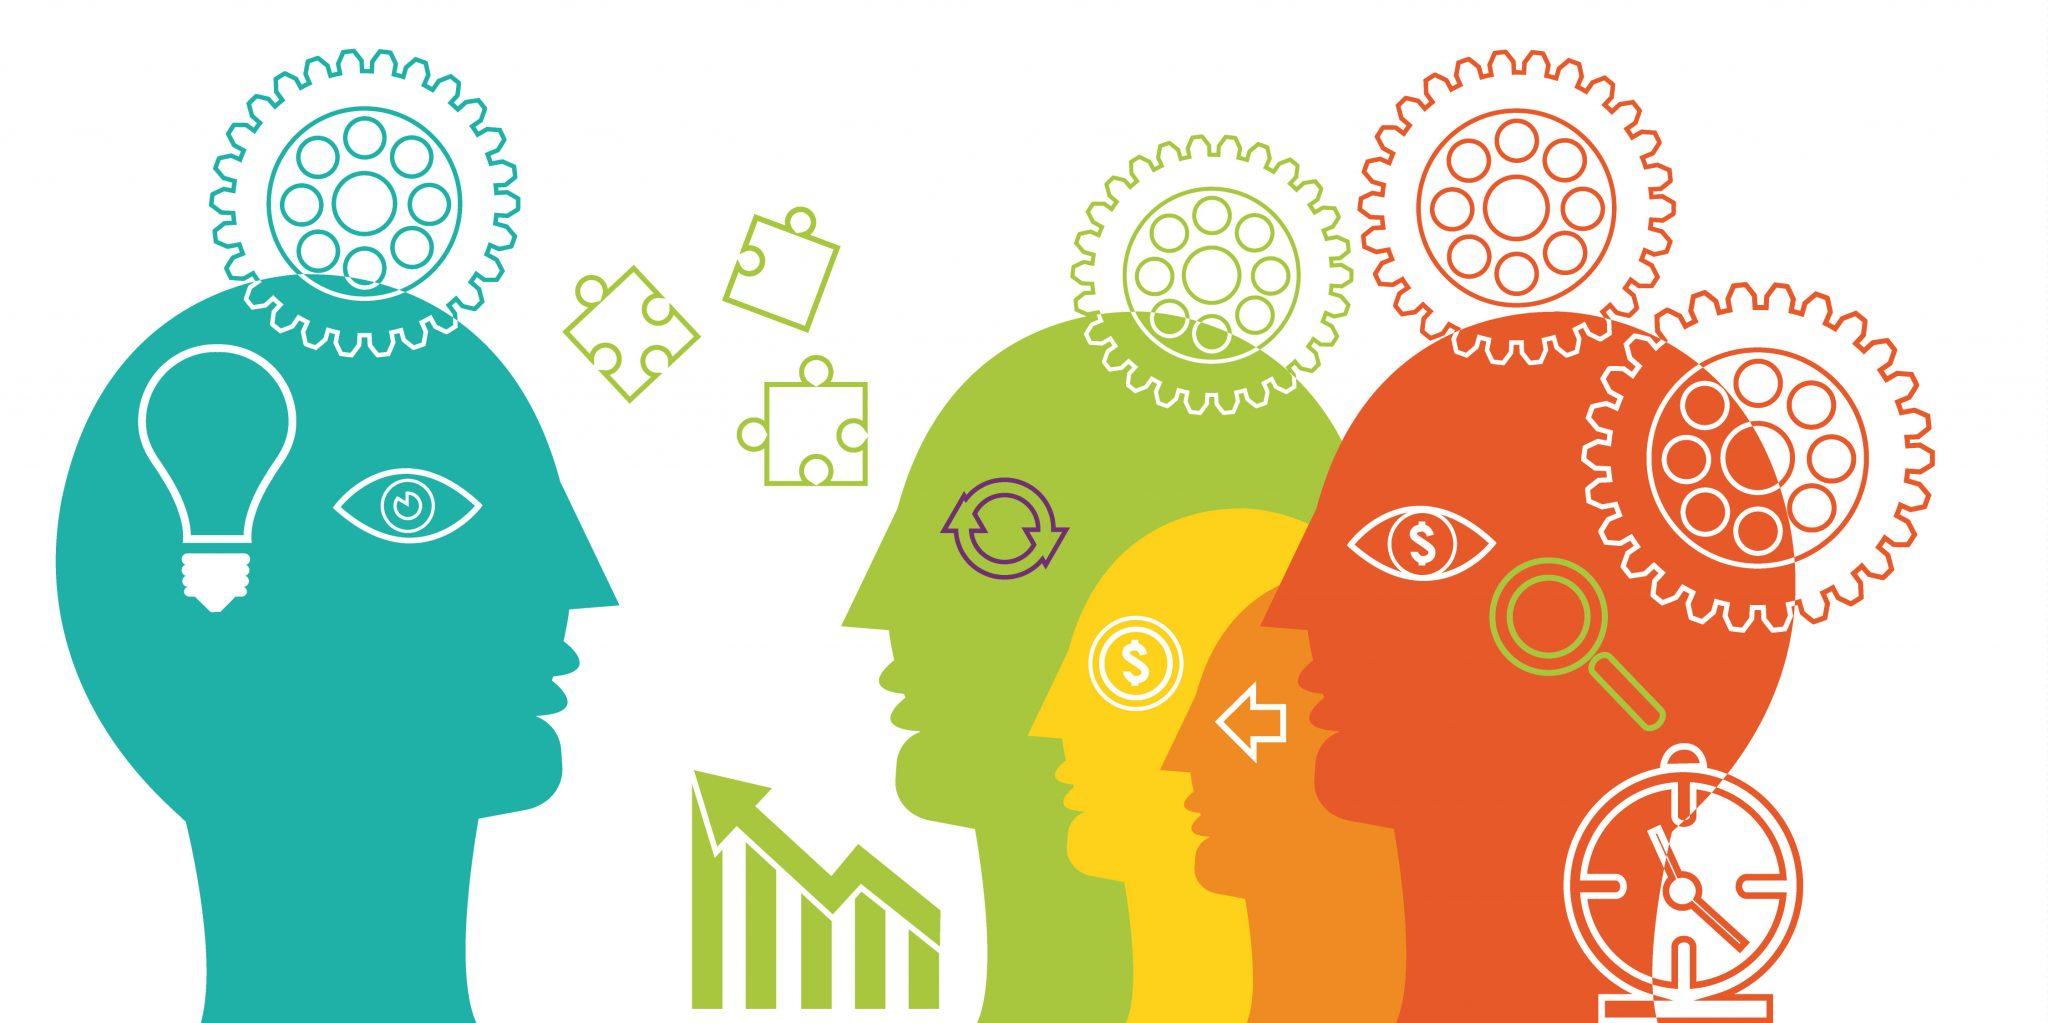 Tiêu chí phân tích thị trường chất lượng 1. Phương pháp có hệ thống và logic